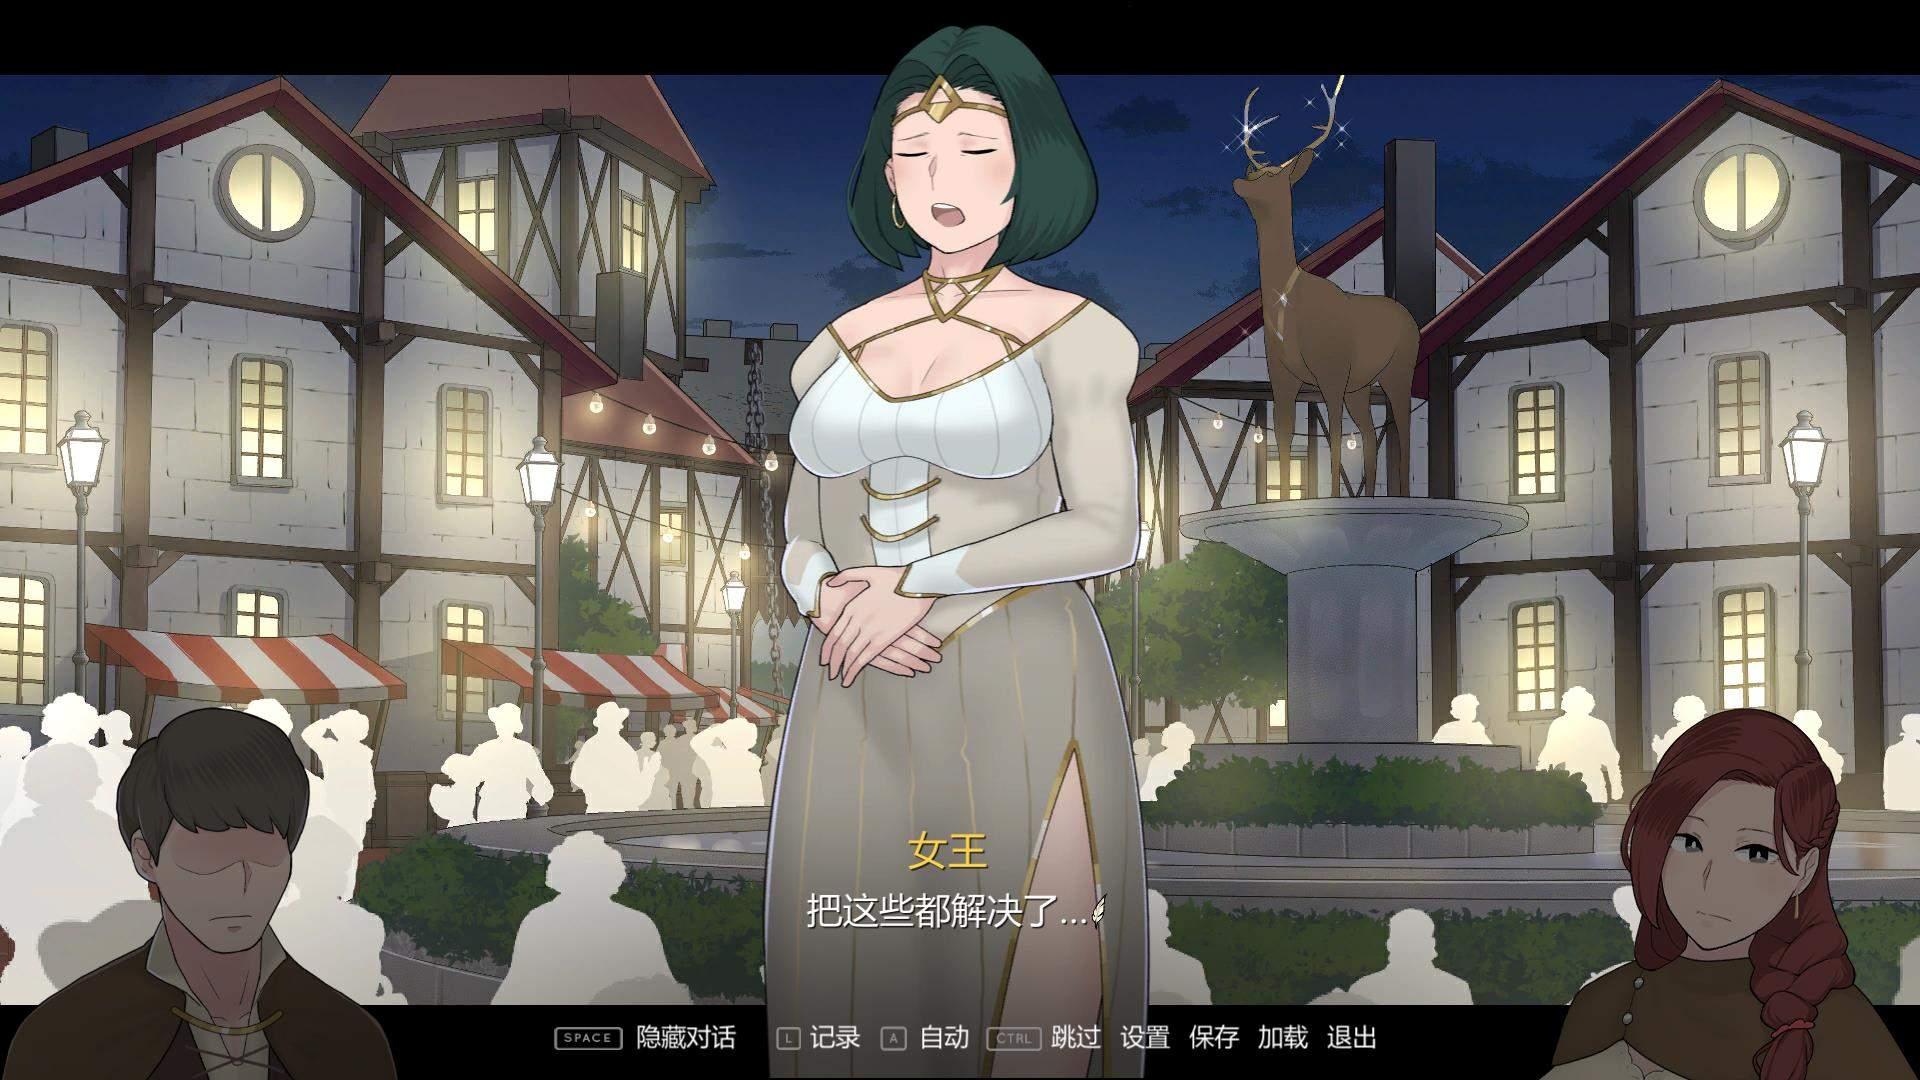 阿德莱德旅馆2 Ver0.9A 精翻完整汉化版【附存档】 电脑端-第3张